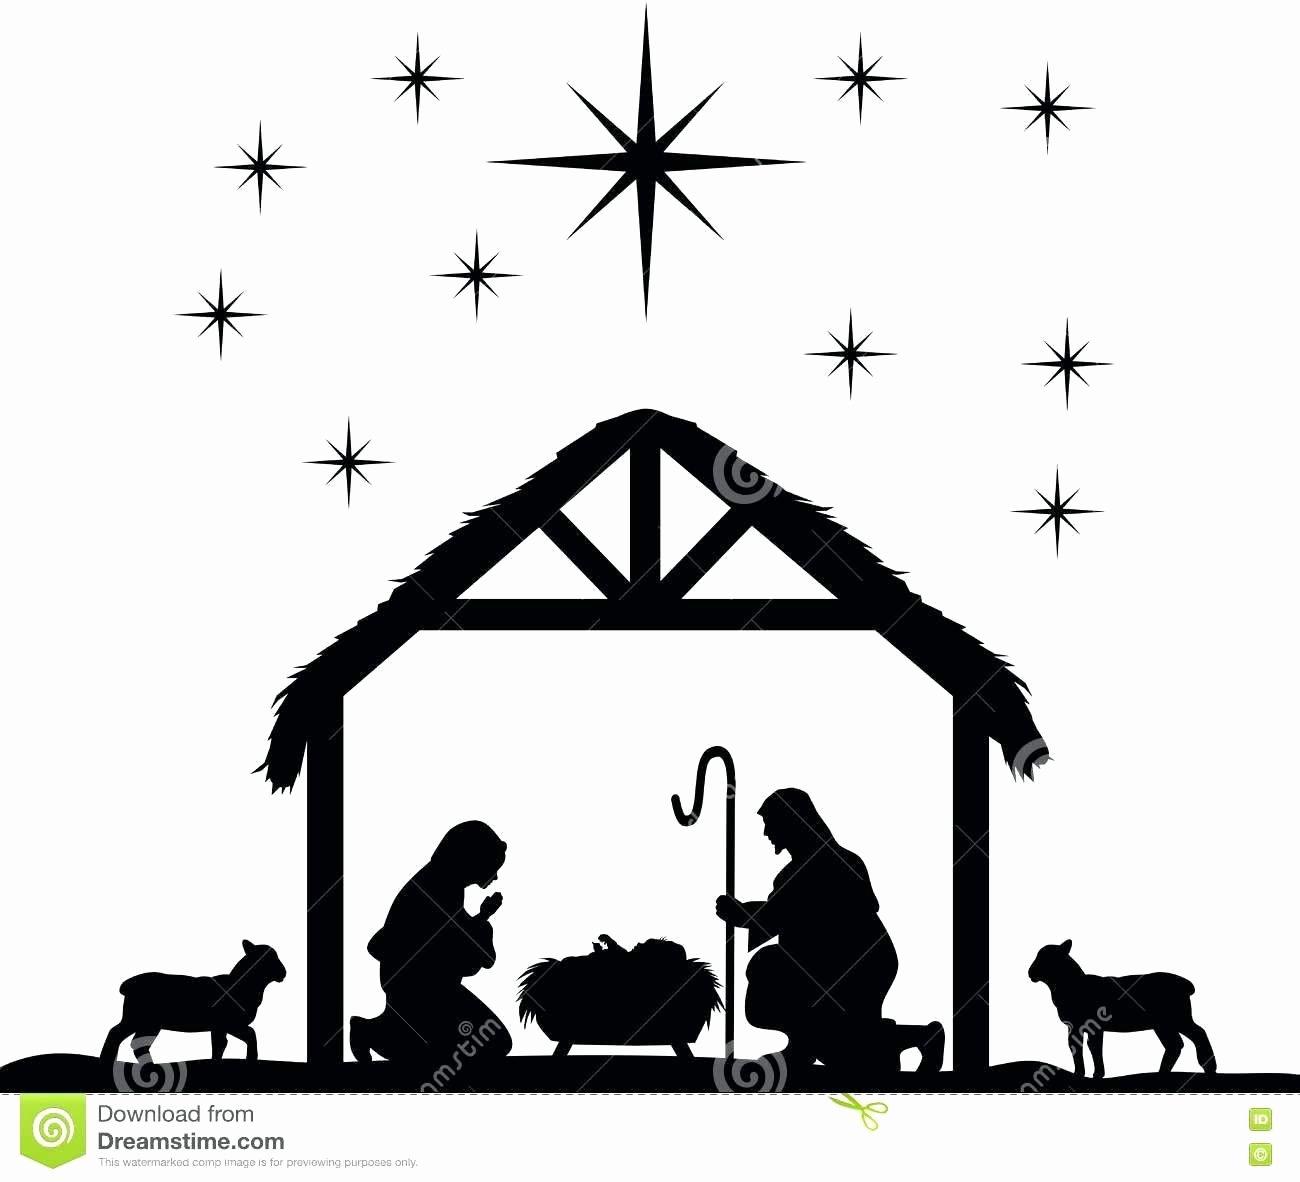 Silhouette Nativity Scene Pattern Best Of Silhouette Nativity Scene Pattern at Getdrawings